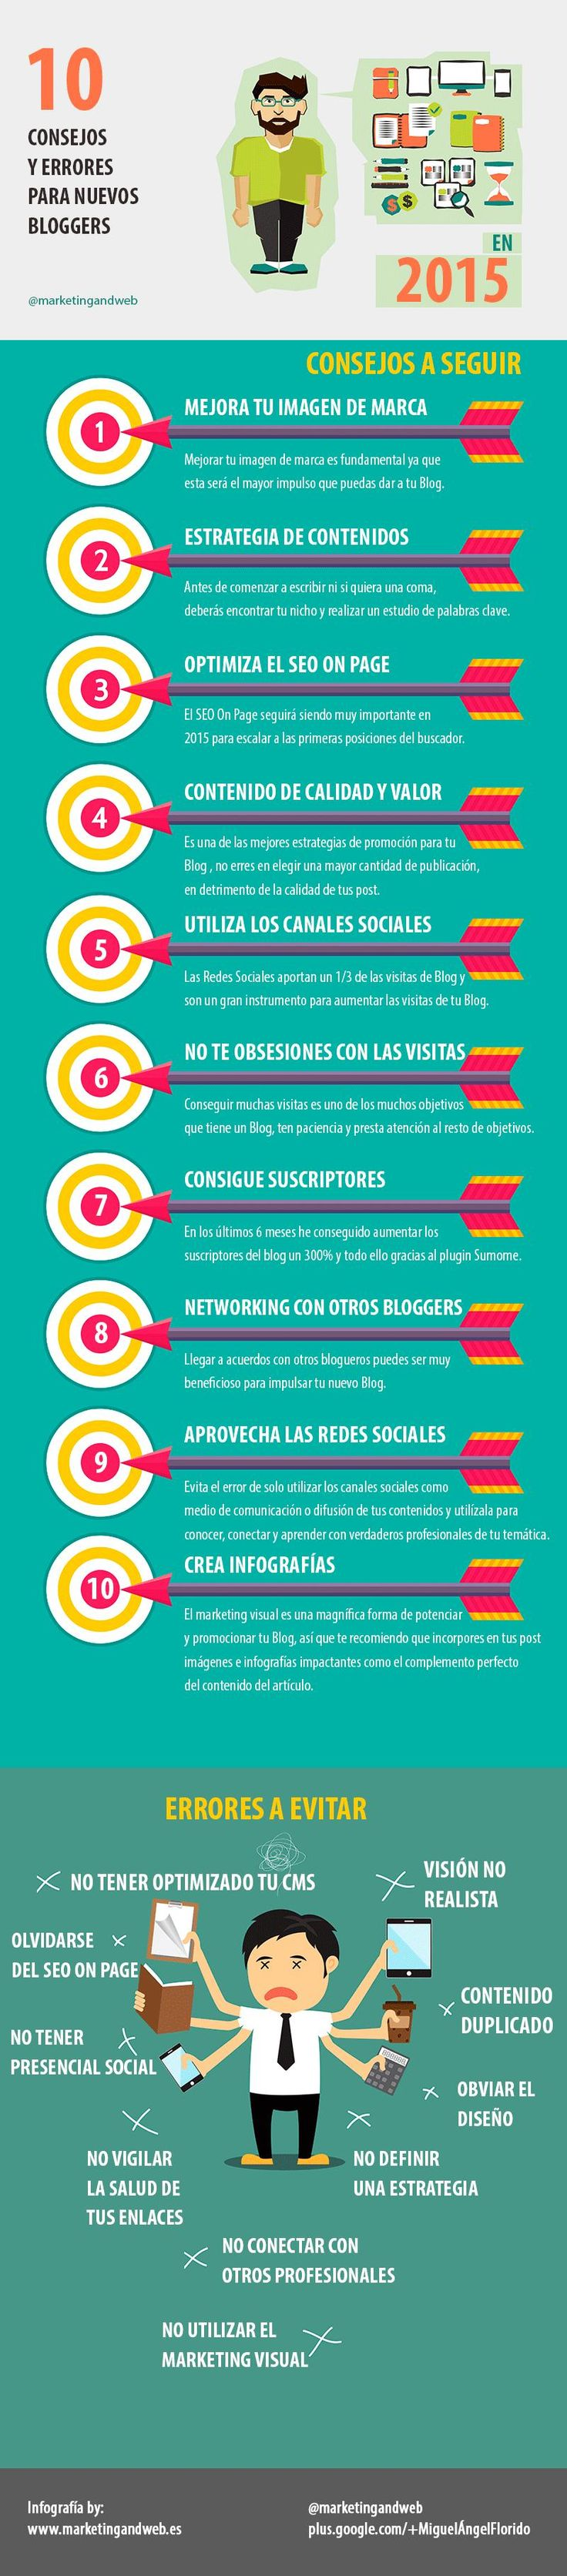 Una infografía con diez consejos para los nuevos bloggers, tienen en cuenta las posibles tendencias de la blogosfera para este nuevo año 2015.